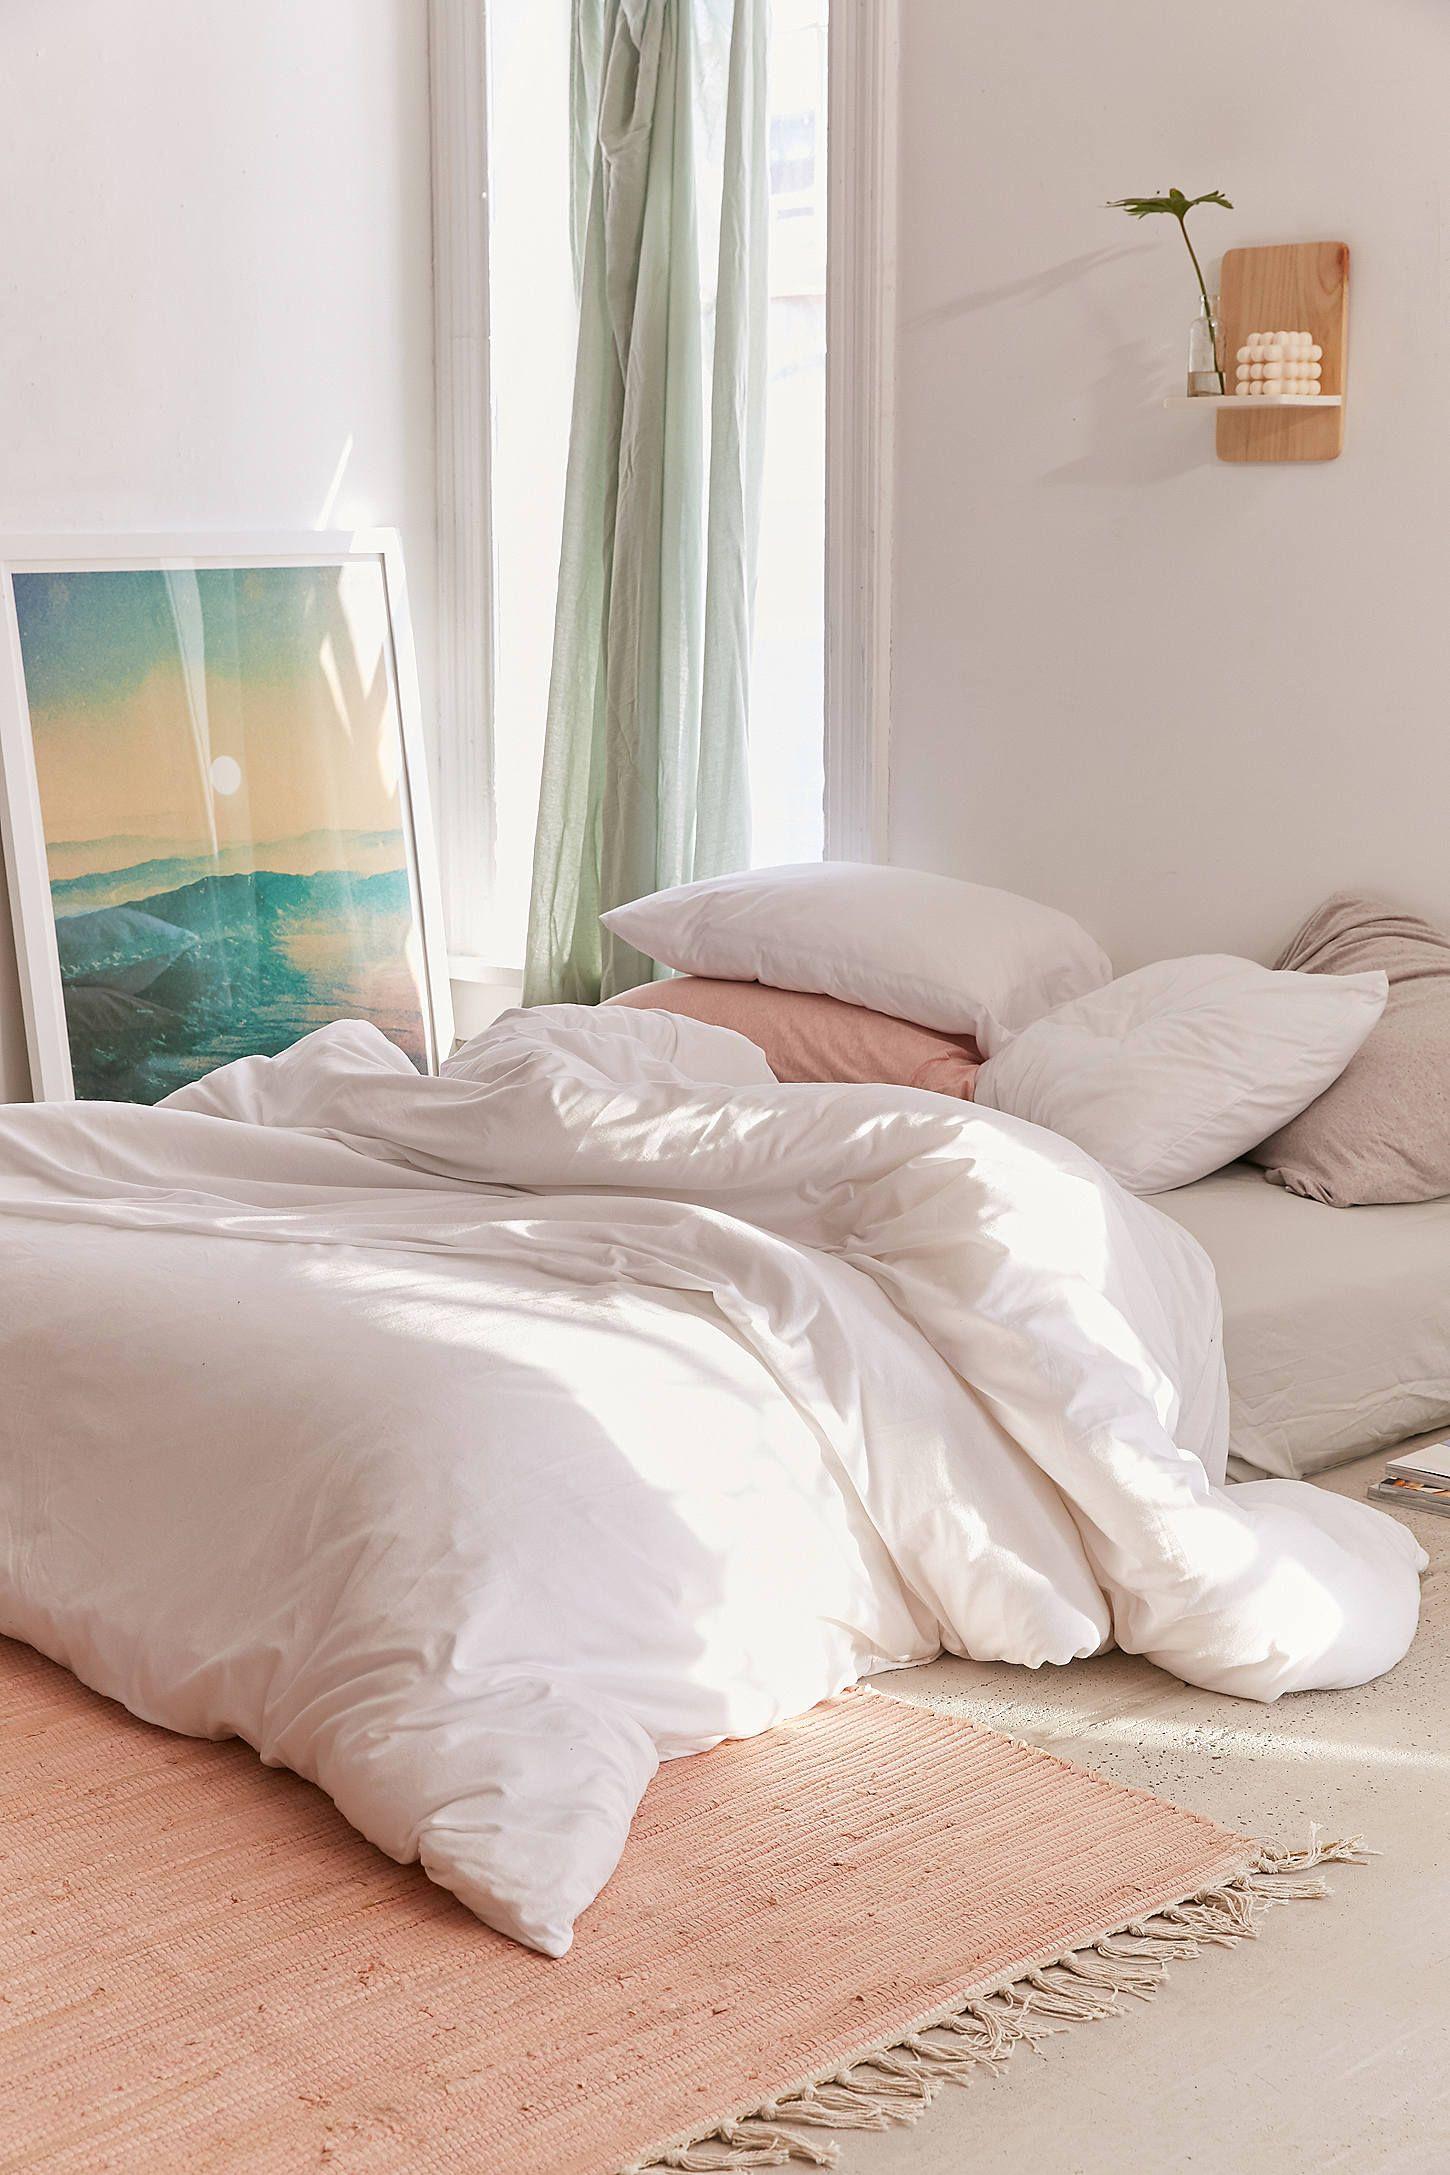 T Shirt Jersey Comforter White White Comforter Bedroom